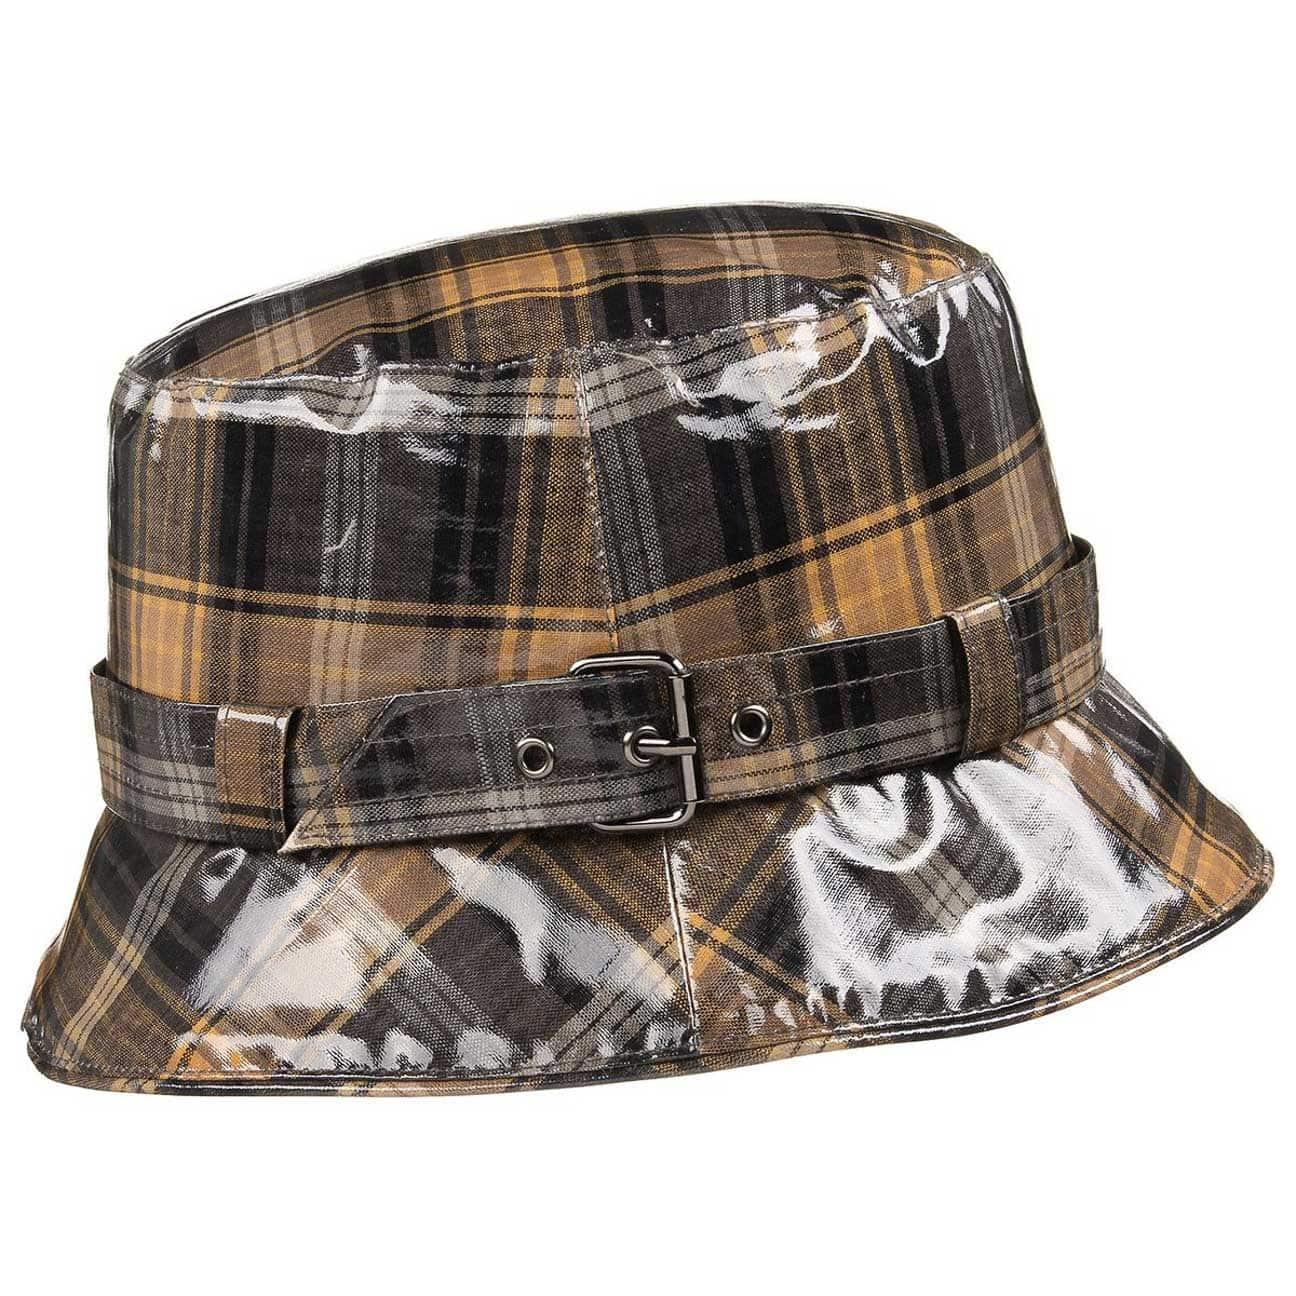 Sombrero de Lluvia Shiny by McBURN - Sombreros - sombreroshop.es 89084e20921